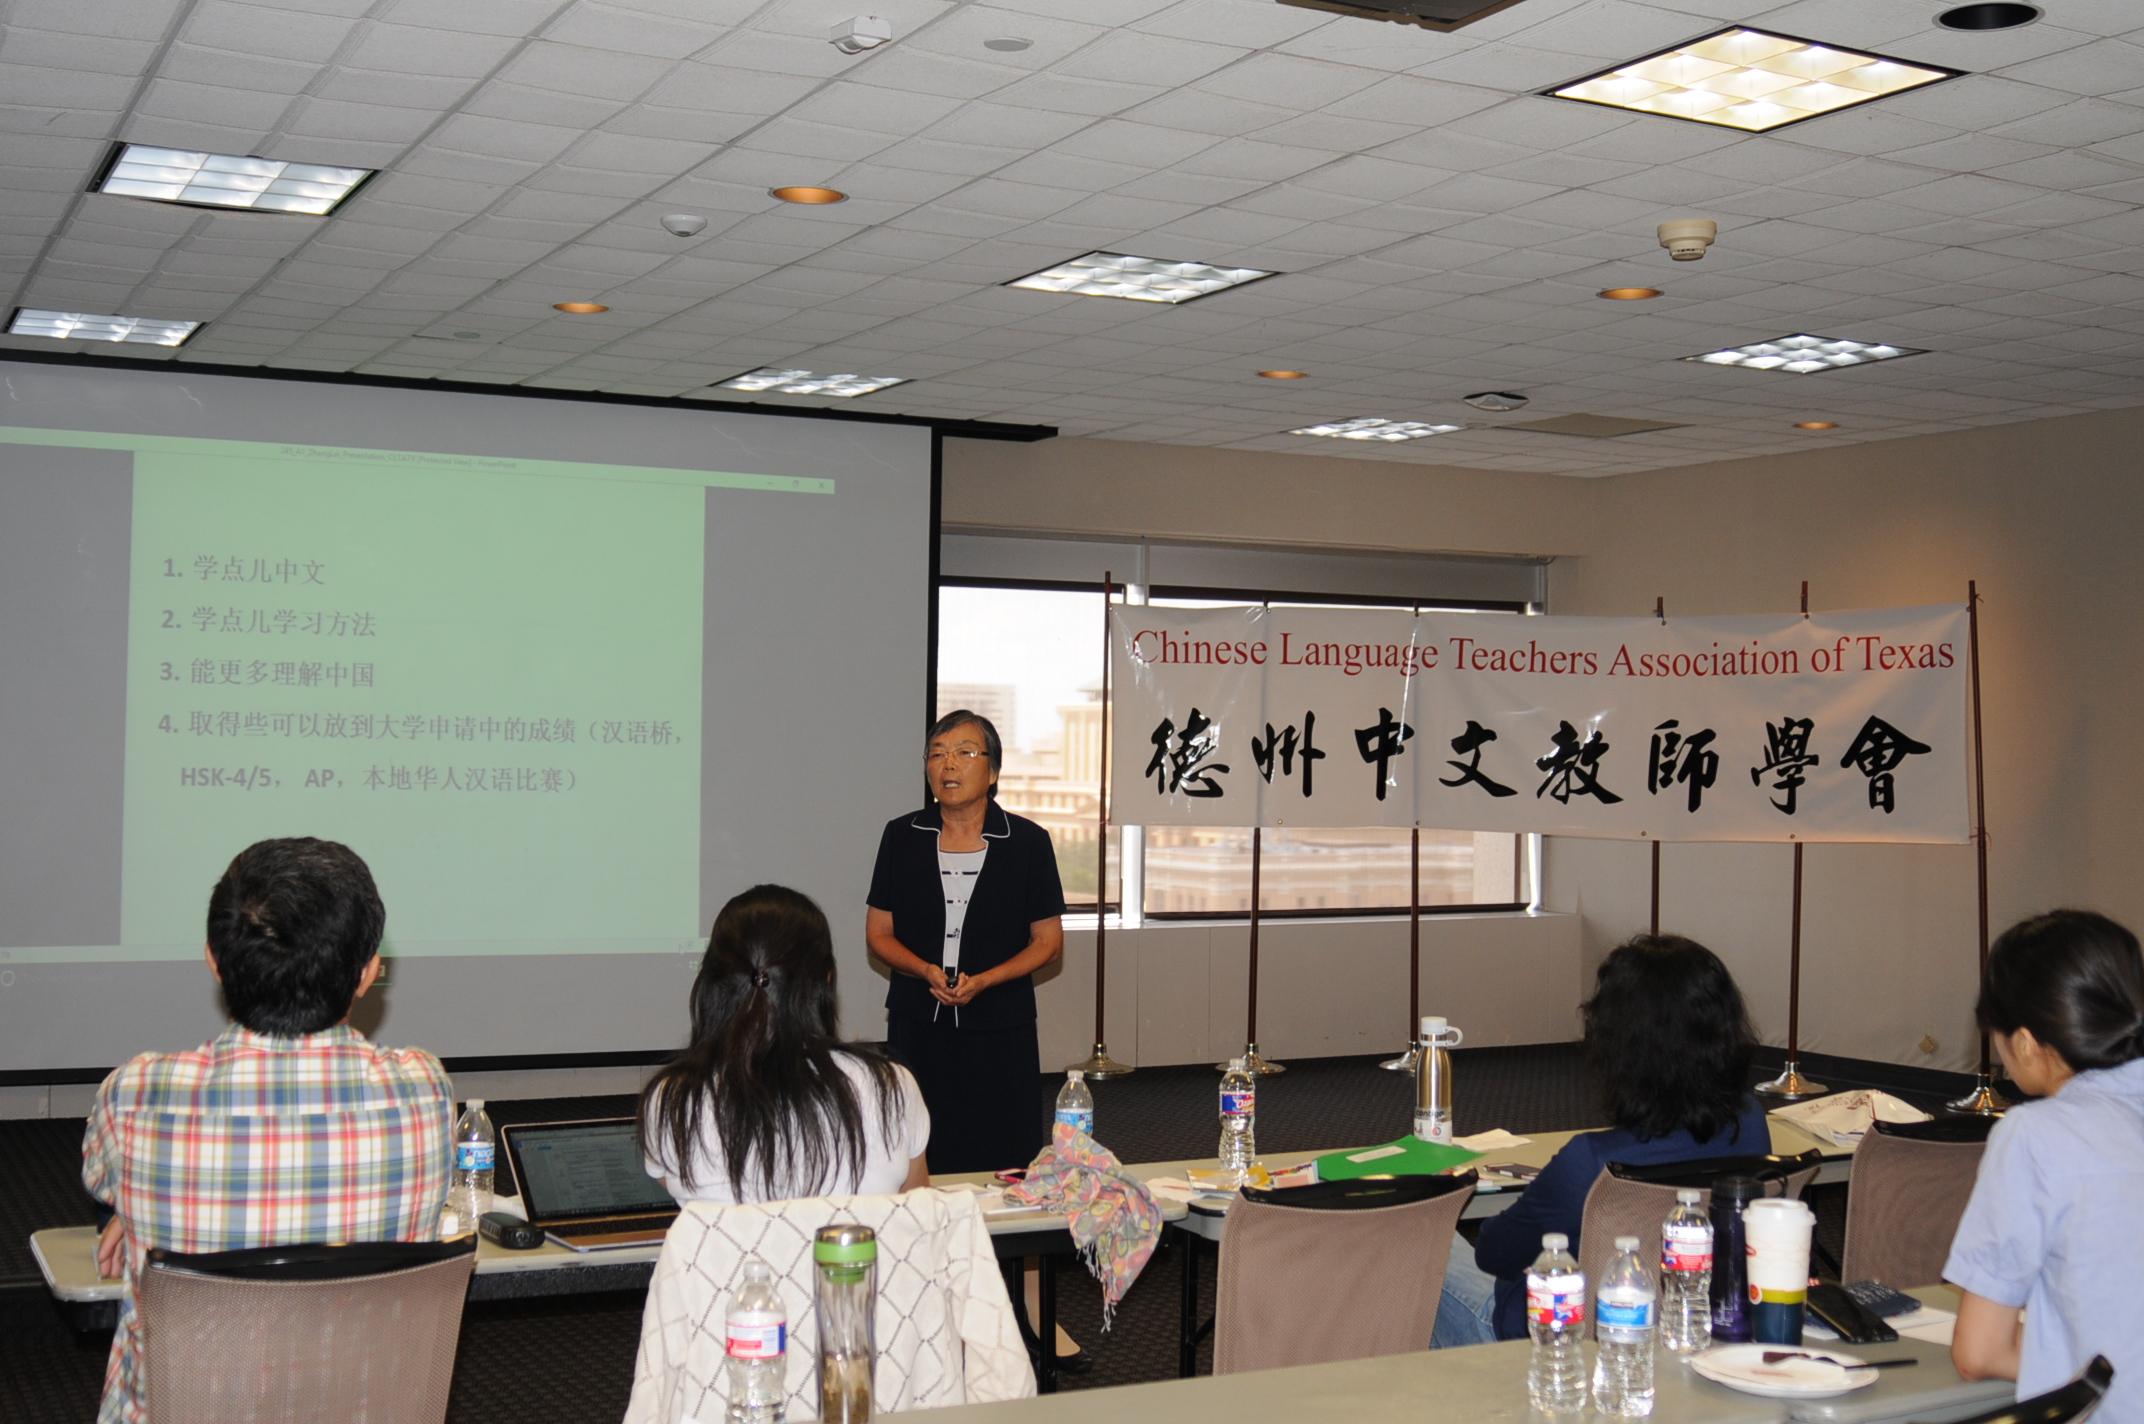 Dr. Lei Zhang, Retired Teacher